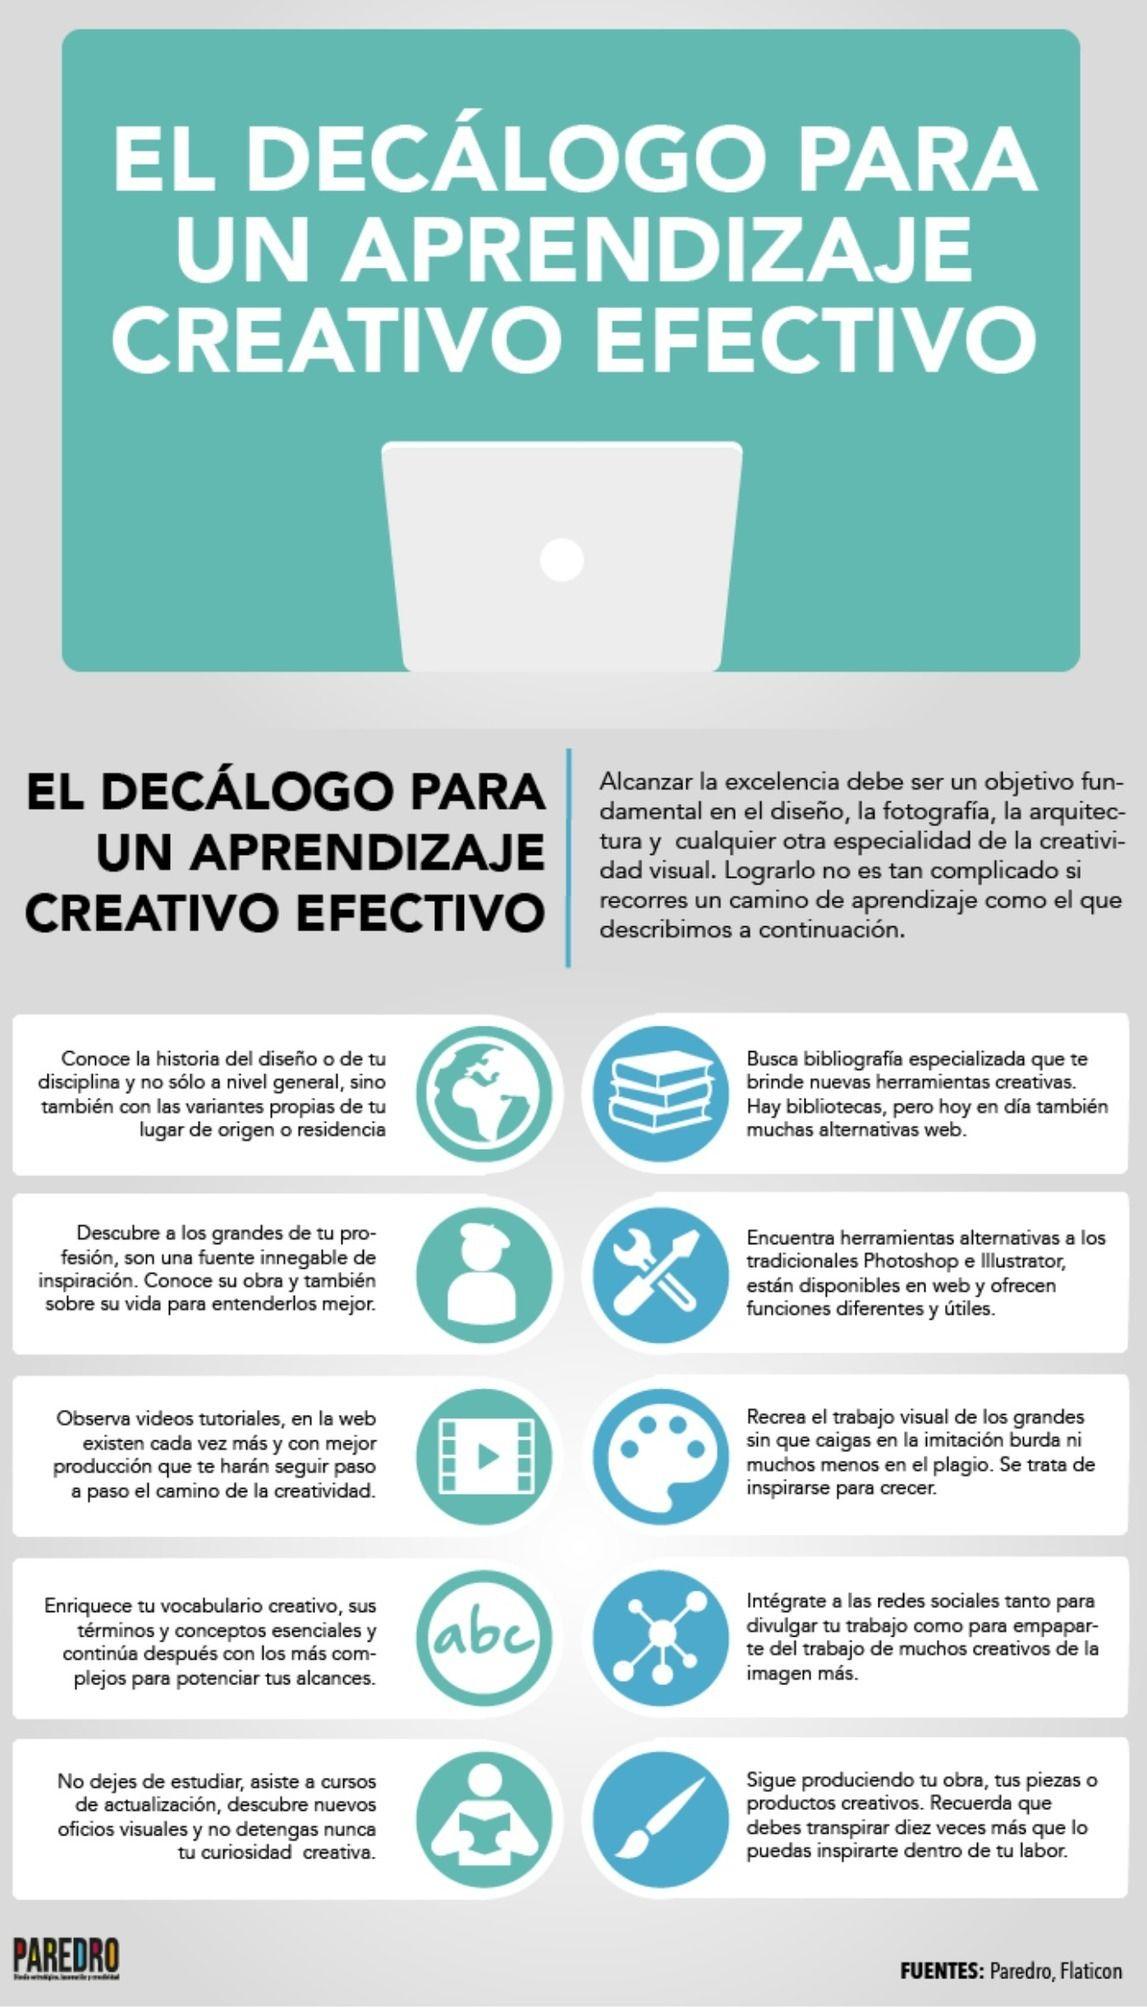 Decálogo para una aprendizaje creativo efectivo #infografia ...